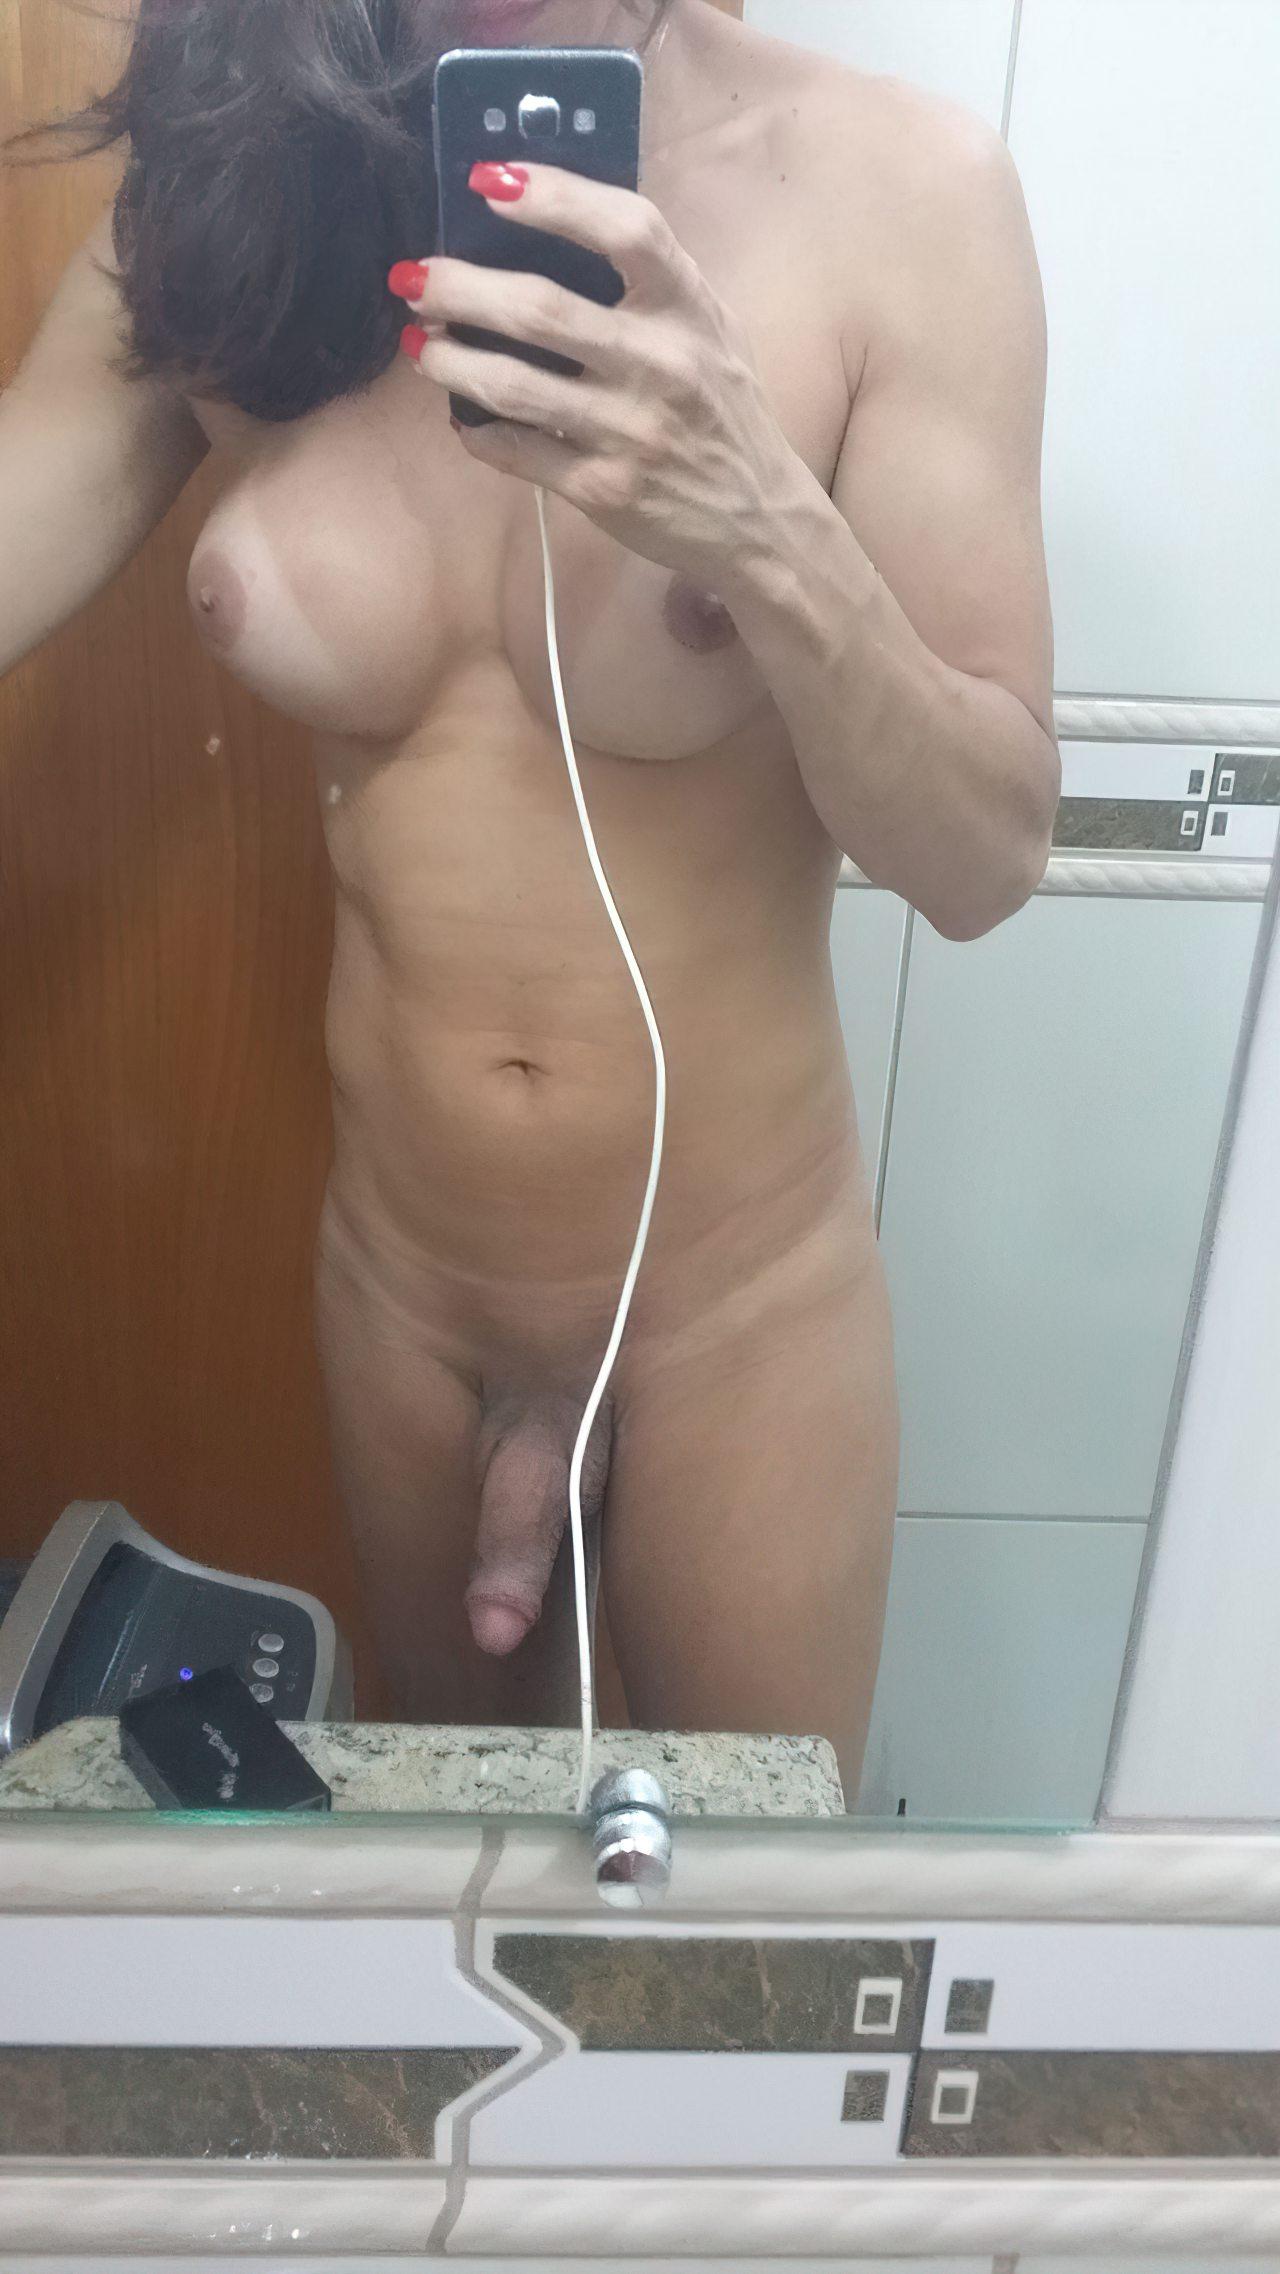 Fotos de Transexuais (5)